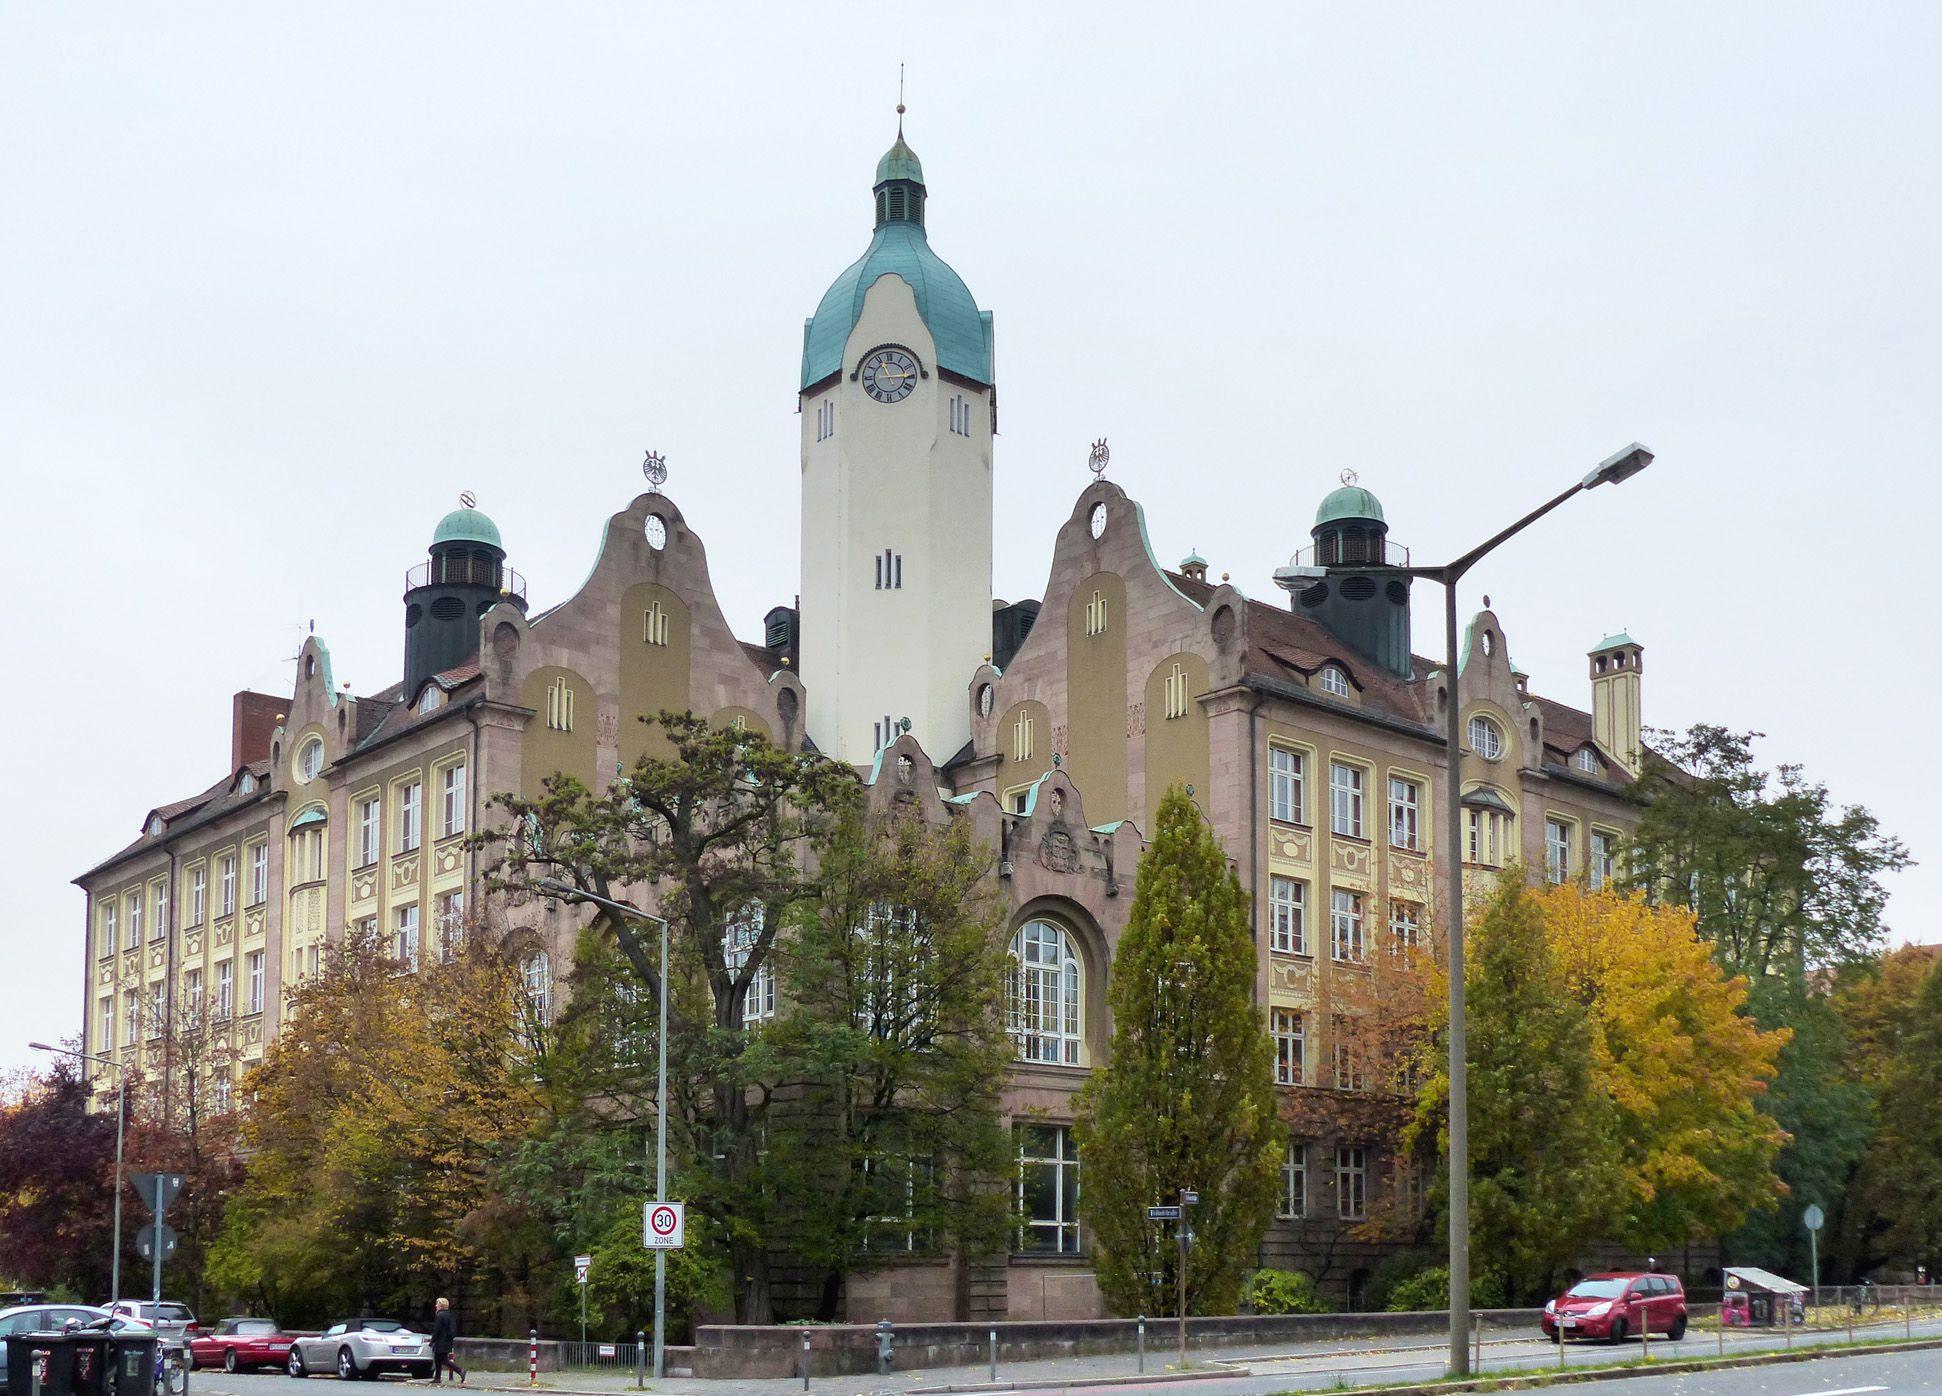 Bismarckschule Spielsymmetrische Gesamtansicht Fröbel-/ Ecke Welserstraße